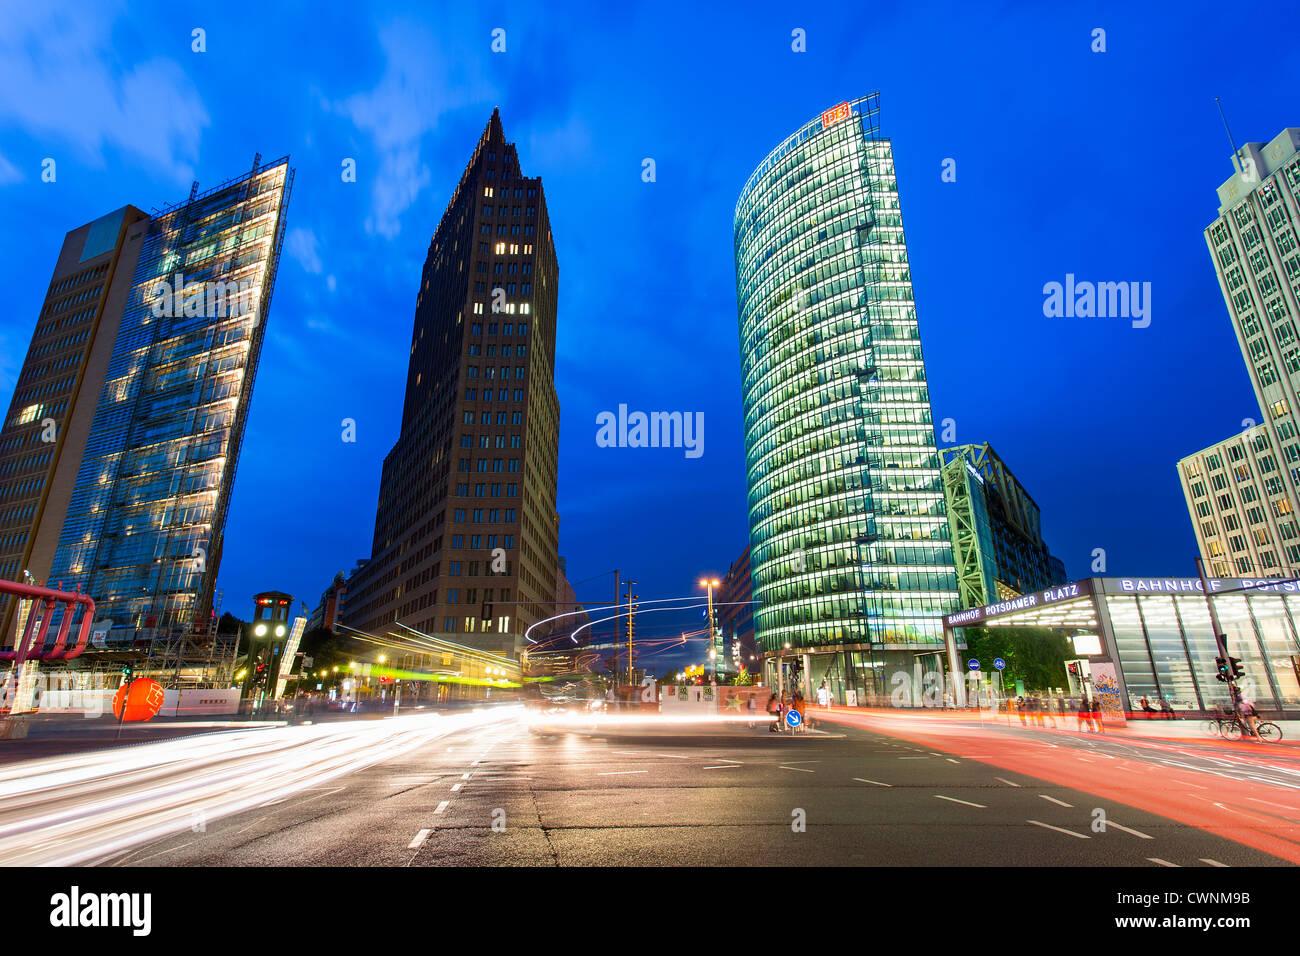 Europa, Deutschland, Berlin, Hochhäuser am Potsdamer Platz Stockbild